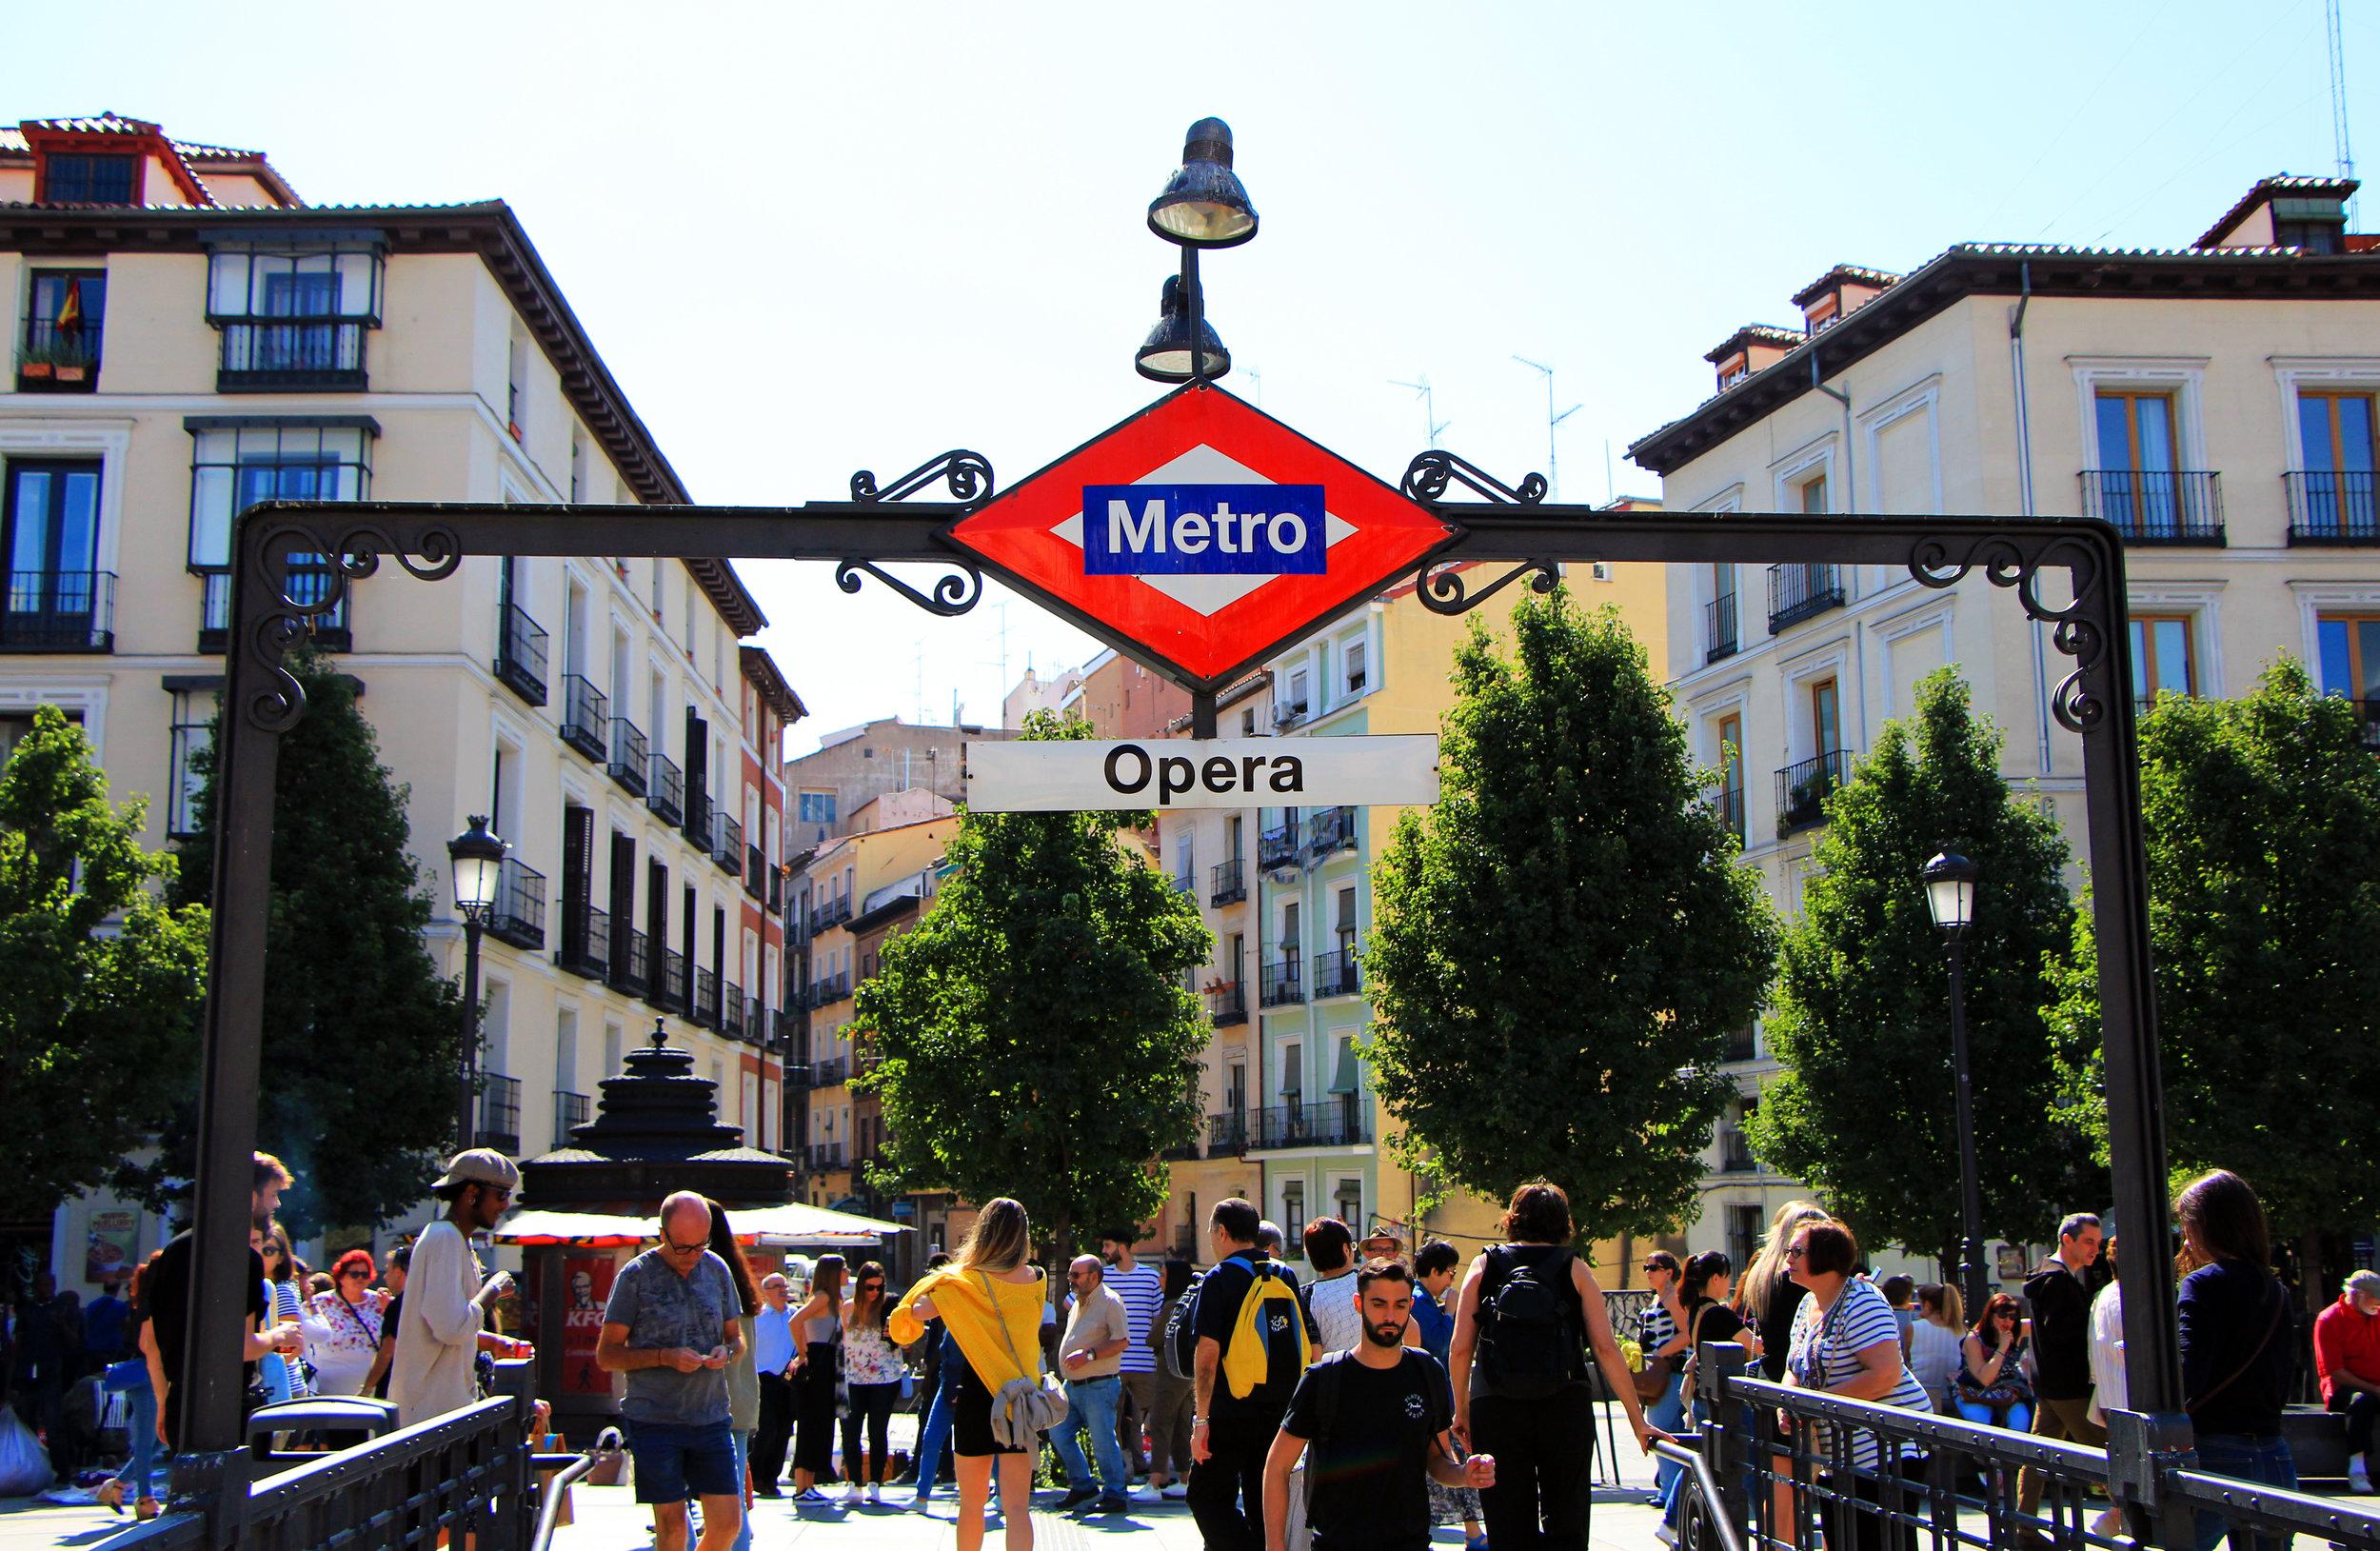 Transporte - Si te hospedas en el centro, podrás caminar hacia muchos de los lugares turísticos. Sin embargo, la mejor manera de explorar Madrid es utilizando su metro. El mismo es uno de los mejores sistemas de metros del Mundo. Básicamente desde él puedes llegar a casi cualquier punto de la ciudad. Una vez aterrices en el aeropuerto puedes comprar un pase para los días que estarás en la ciudad. Si deseas conectar a ciudades en la periferiade Madrid o a otros puntos de España lo puedes hacer desde la estación de Atocha. Ubicada justo en el centro de la ciudad y a la cuál puedes acceder en metro para conectar con los trenes regionales.